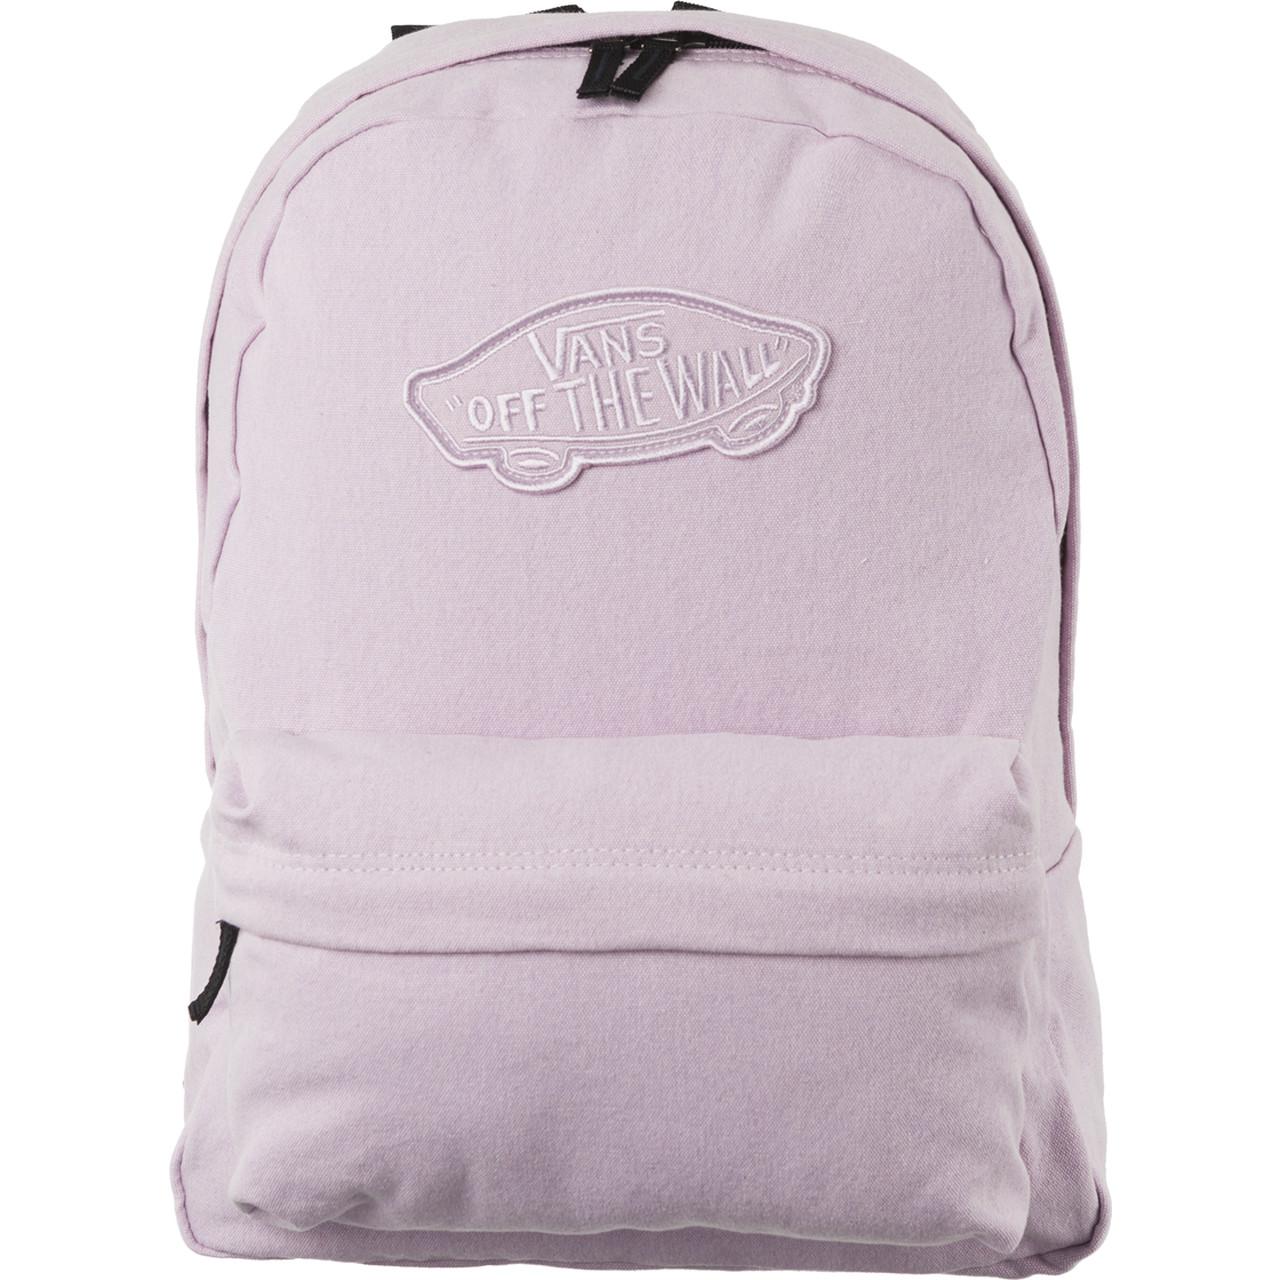 kup sprzedaż Los Angeles tania wyprzedaż usa Plecak Vans Realm Backpack IZ6 - eastend.pl